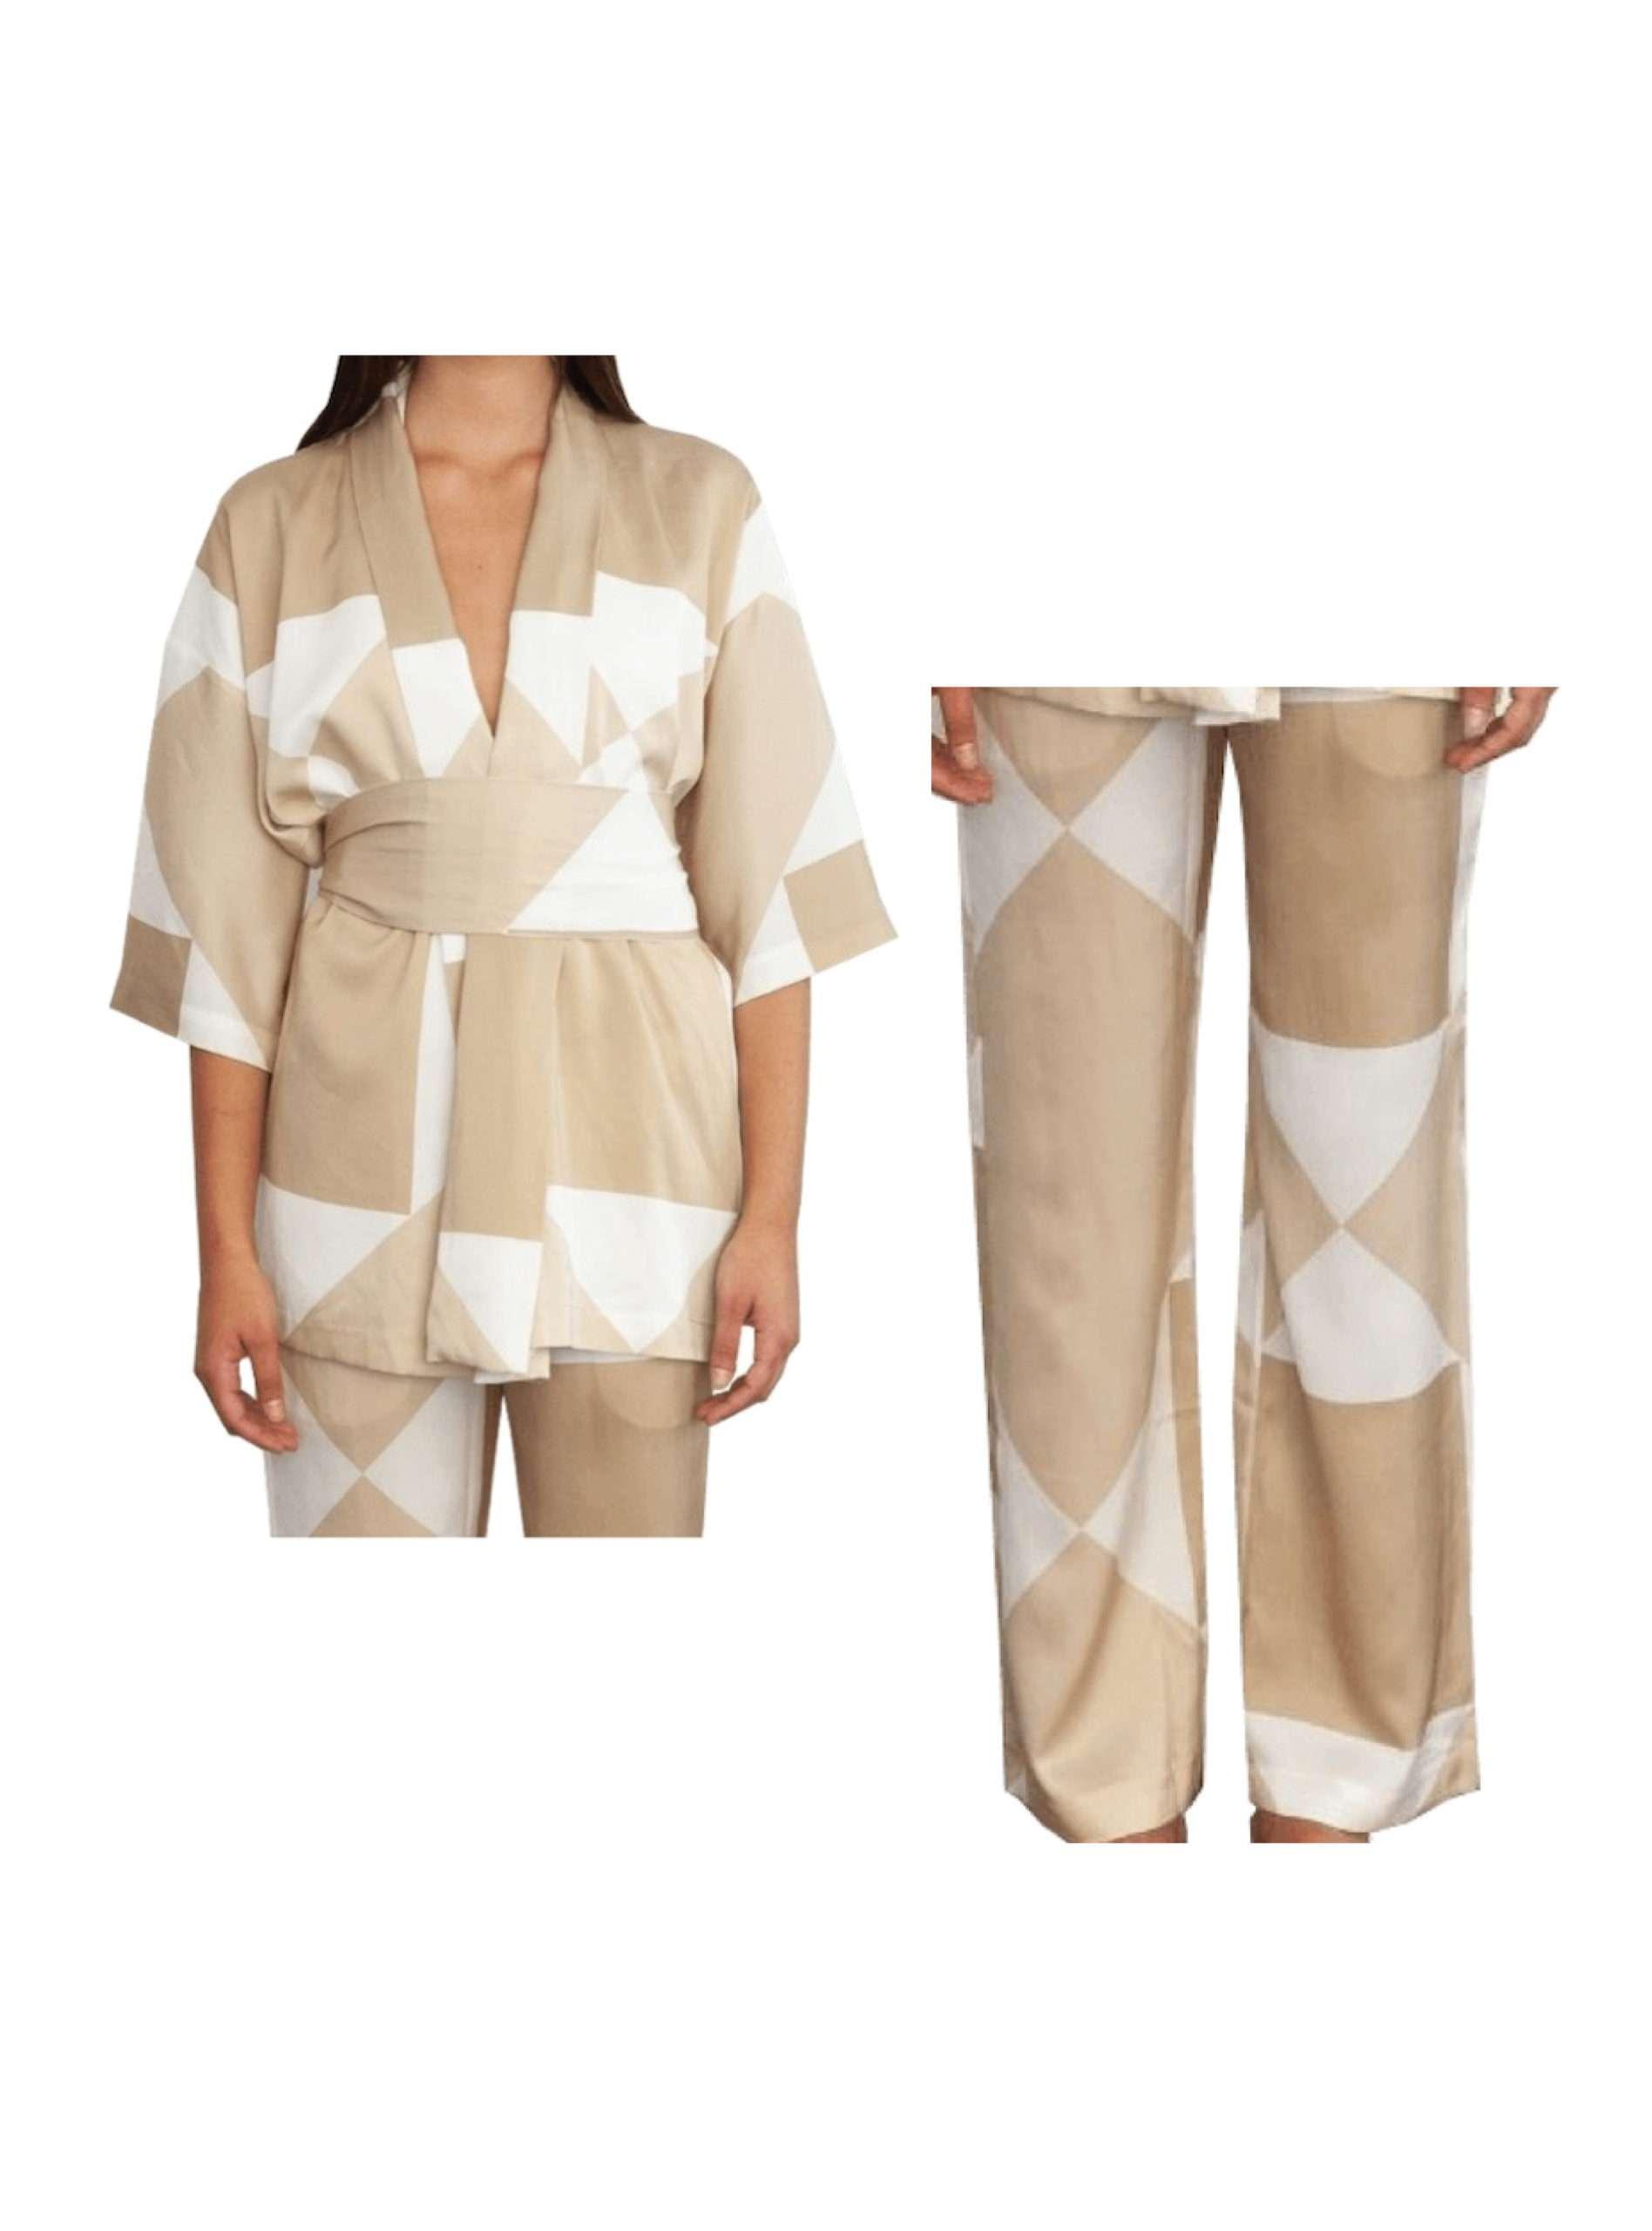 kusi and vehi printed kimono set envelope 1976 sanna conscious concept